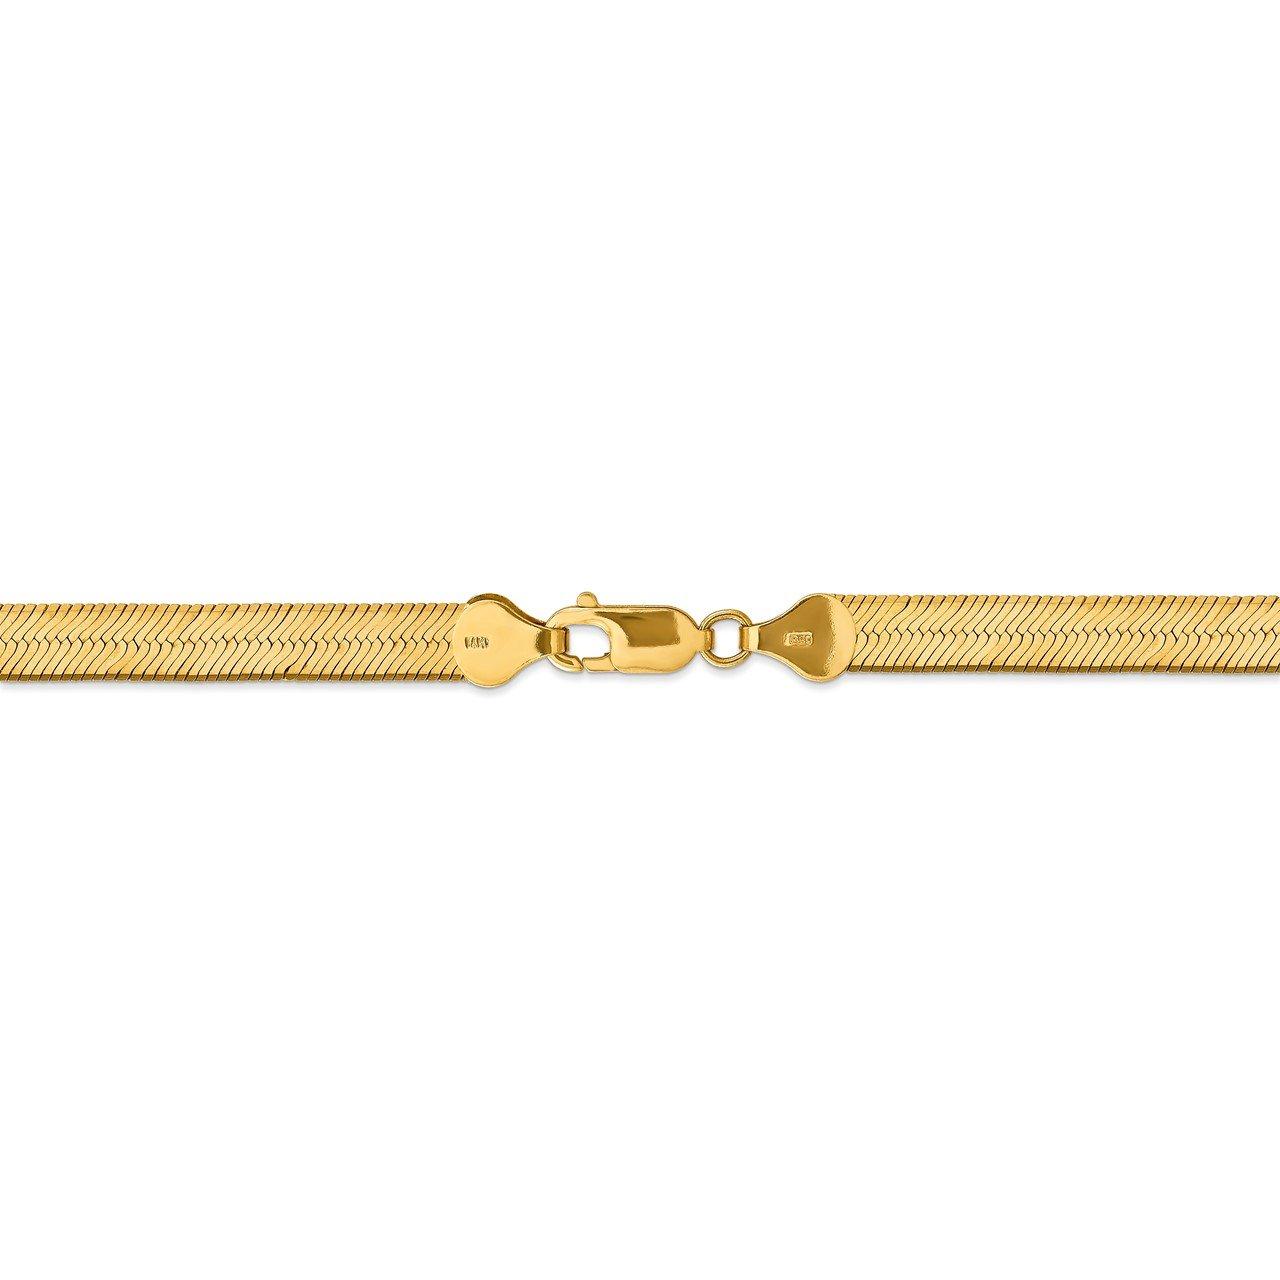 14k 6.5mm Silky Herringbone Chain-3